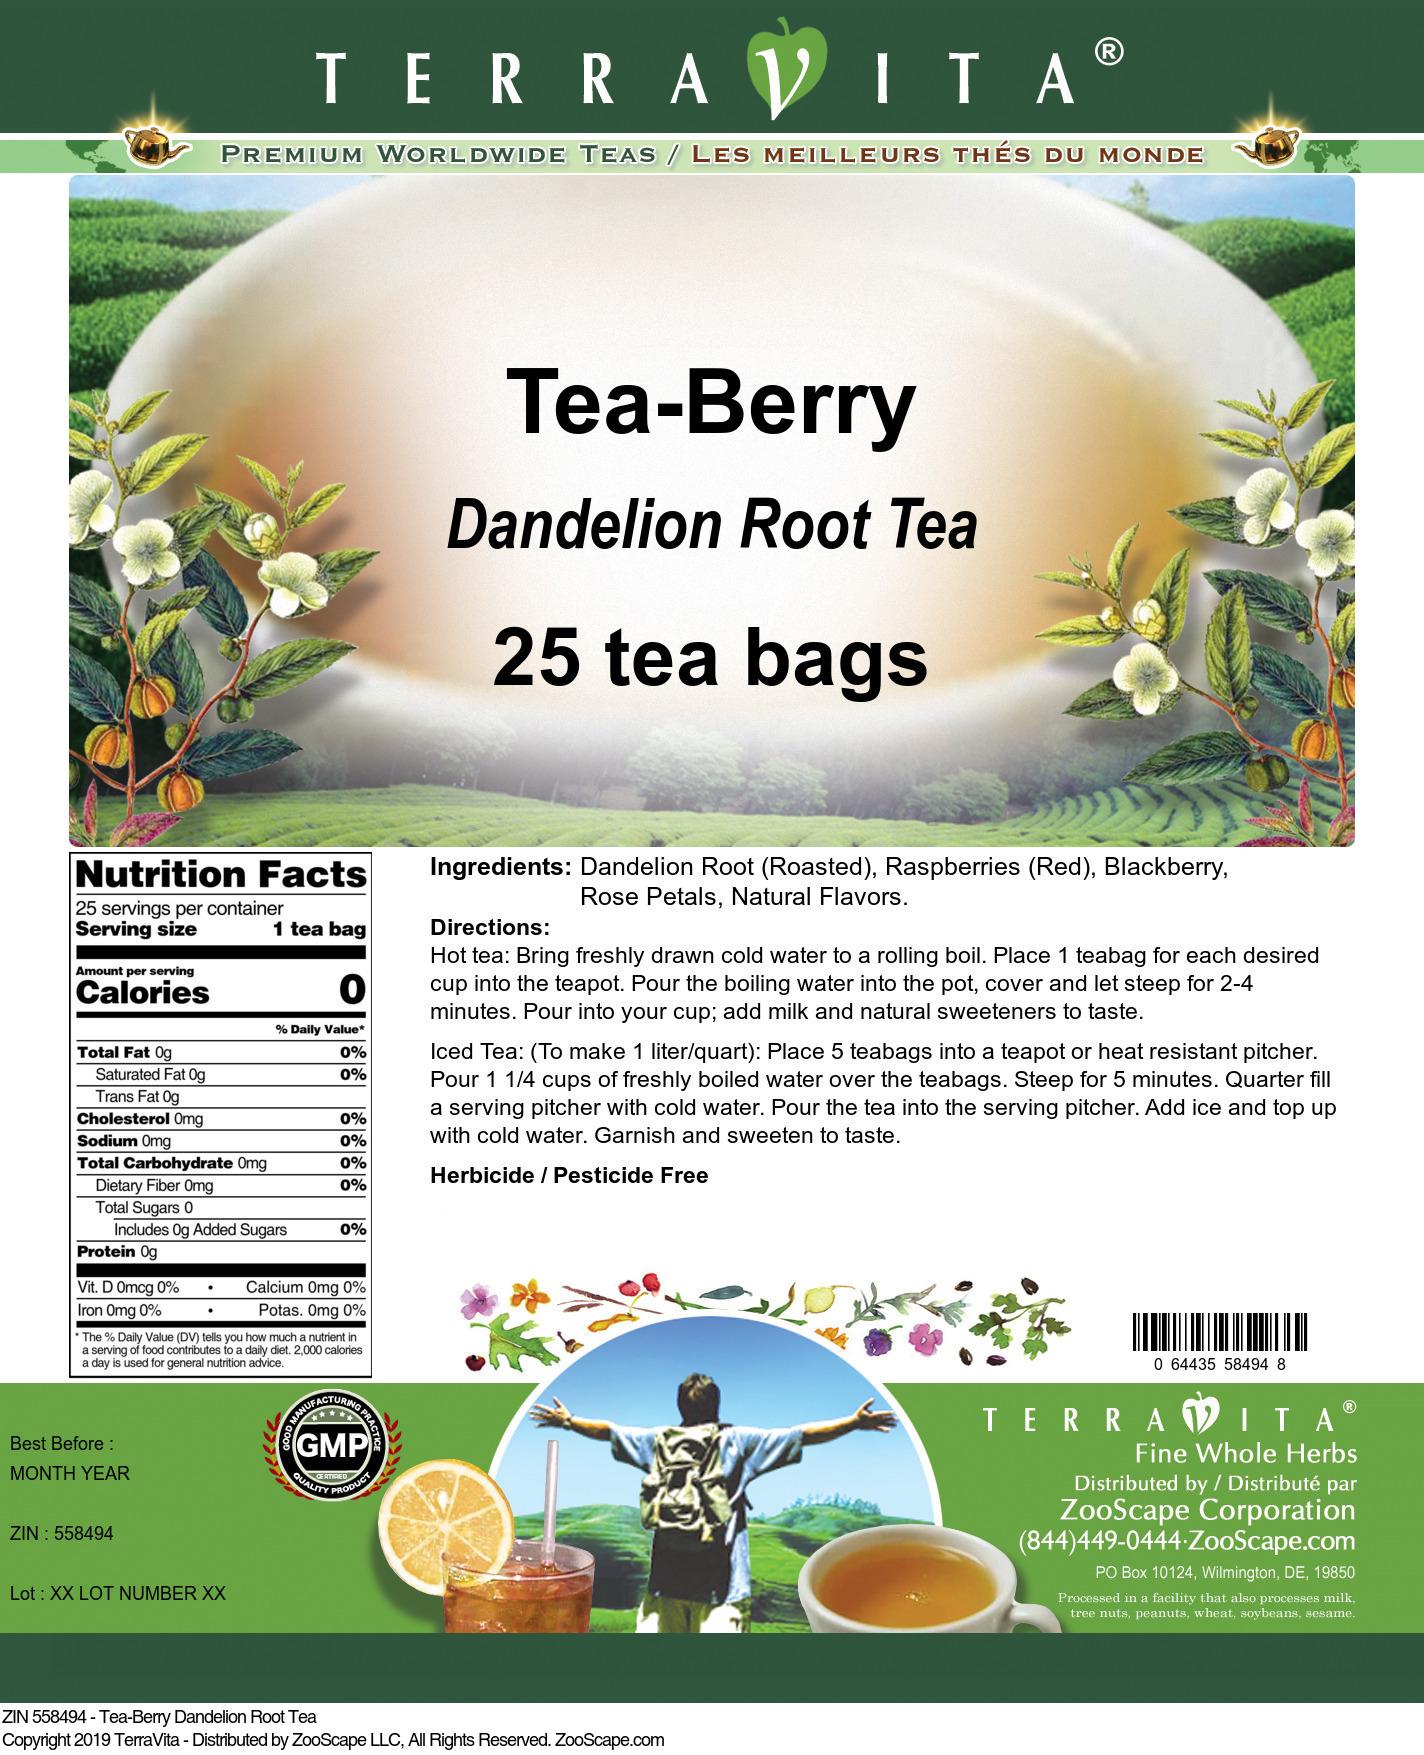 Tea-Berry Dandelion Root Tea